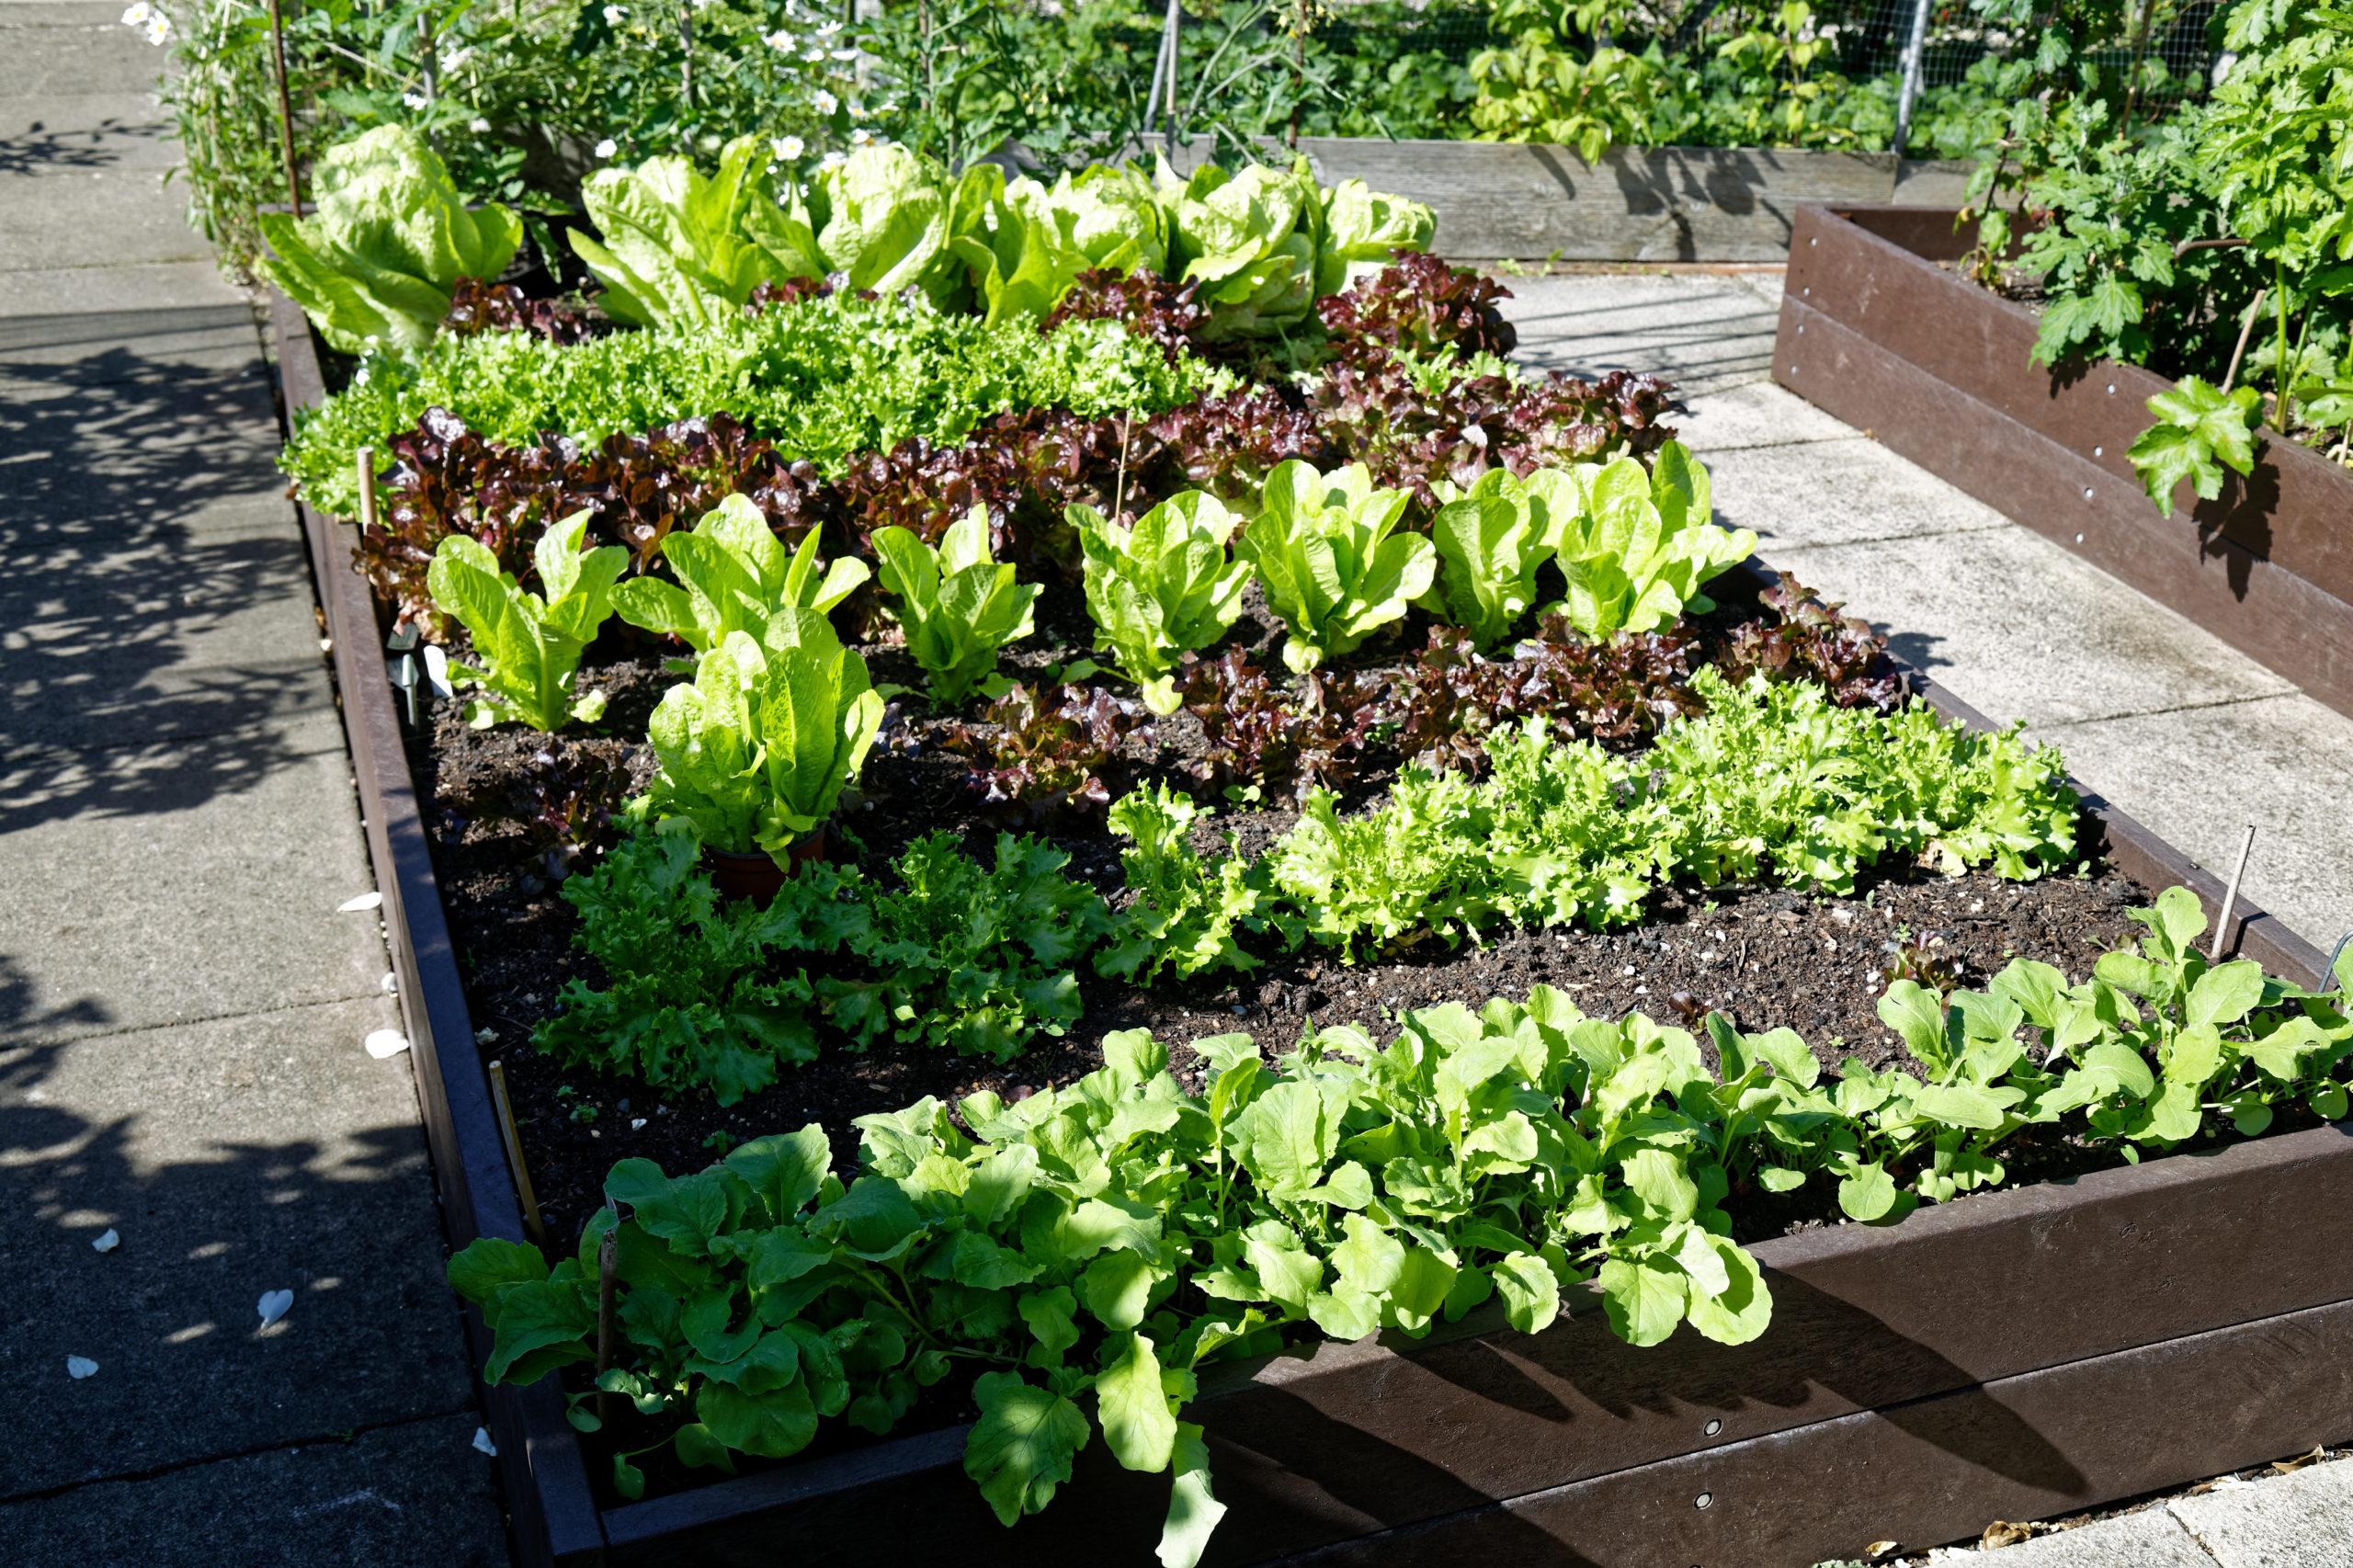 Backyard Vegetable Garden Ideas To Make Your Own Vegetable Garden